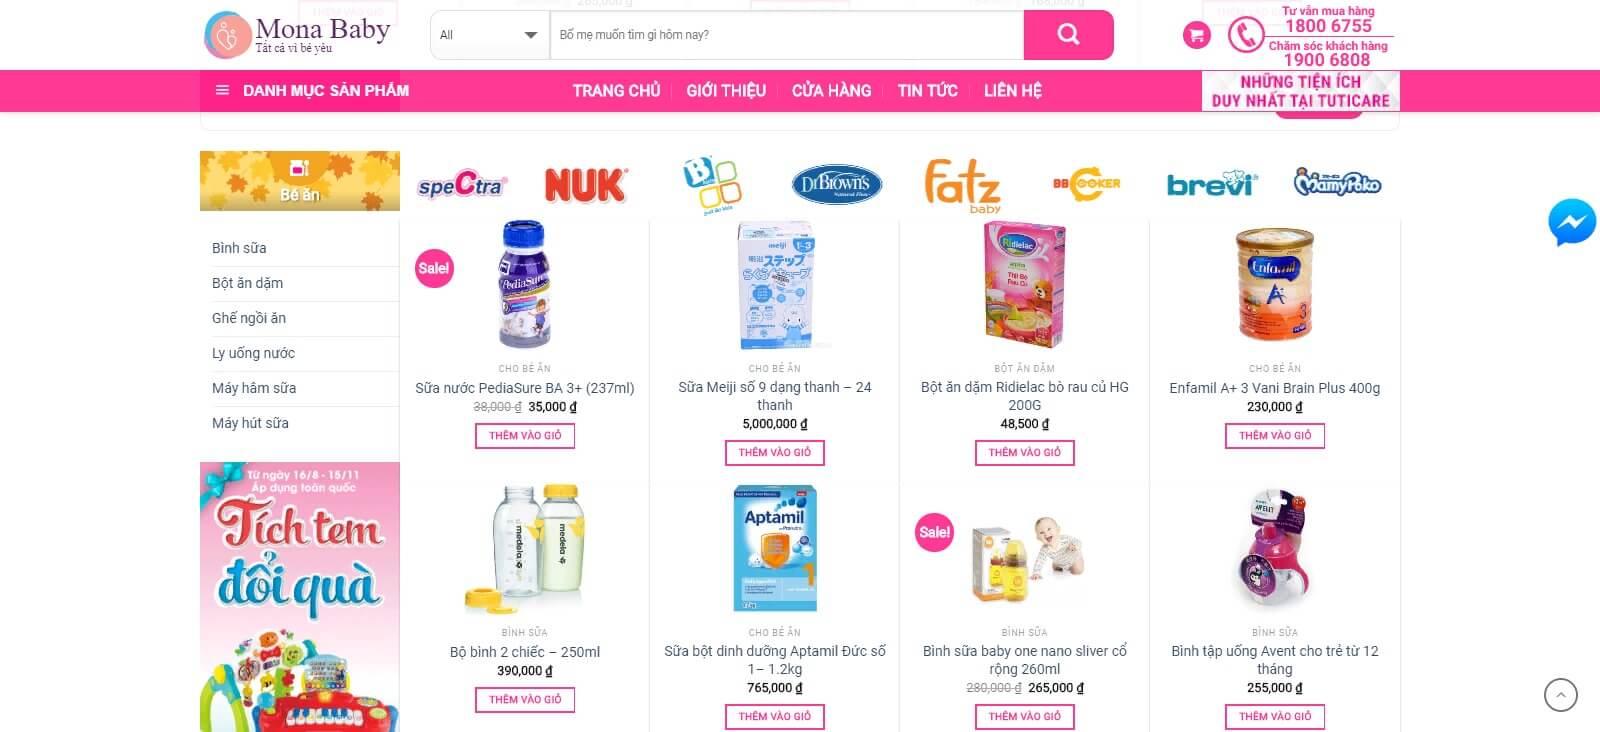 Các module của mẫu website giới thiệu công ty